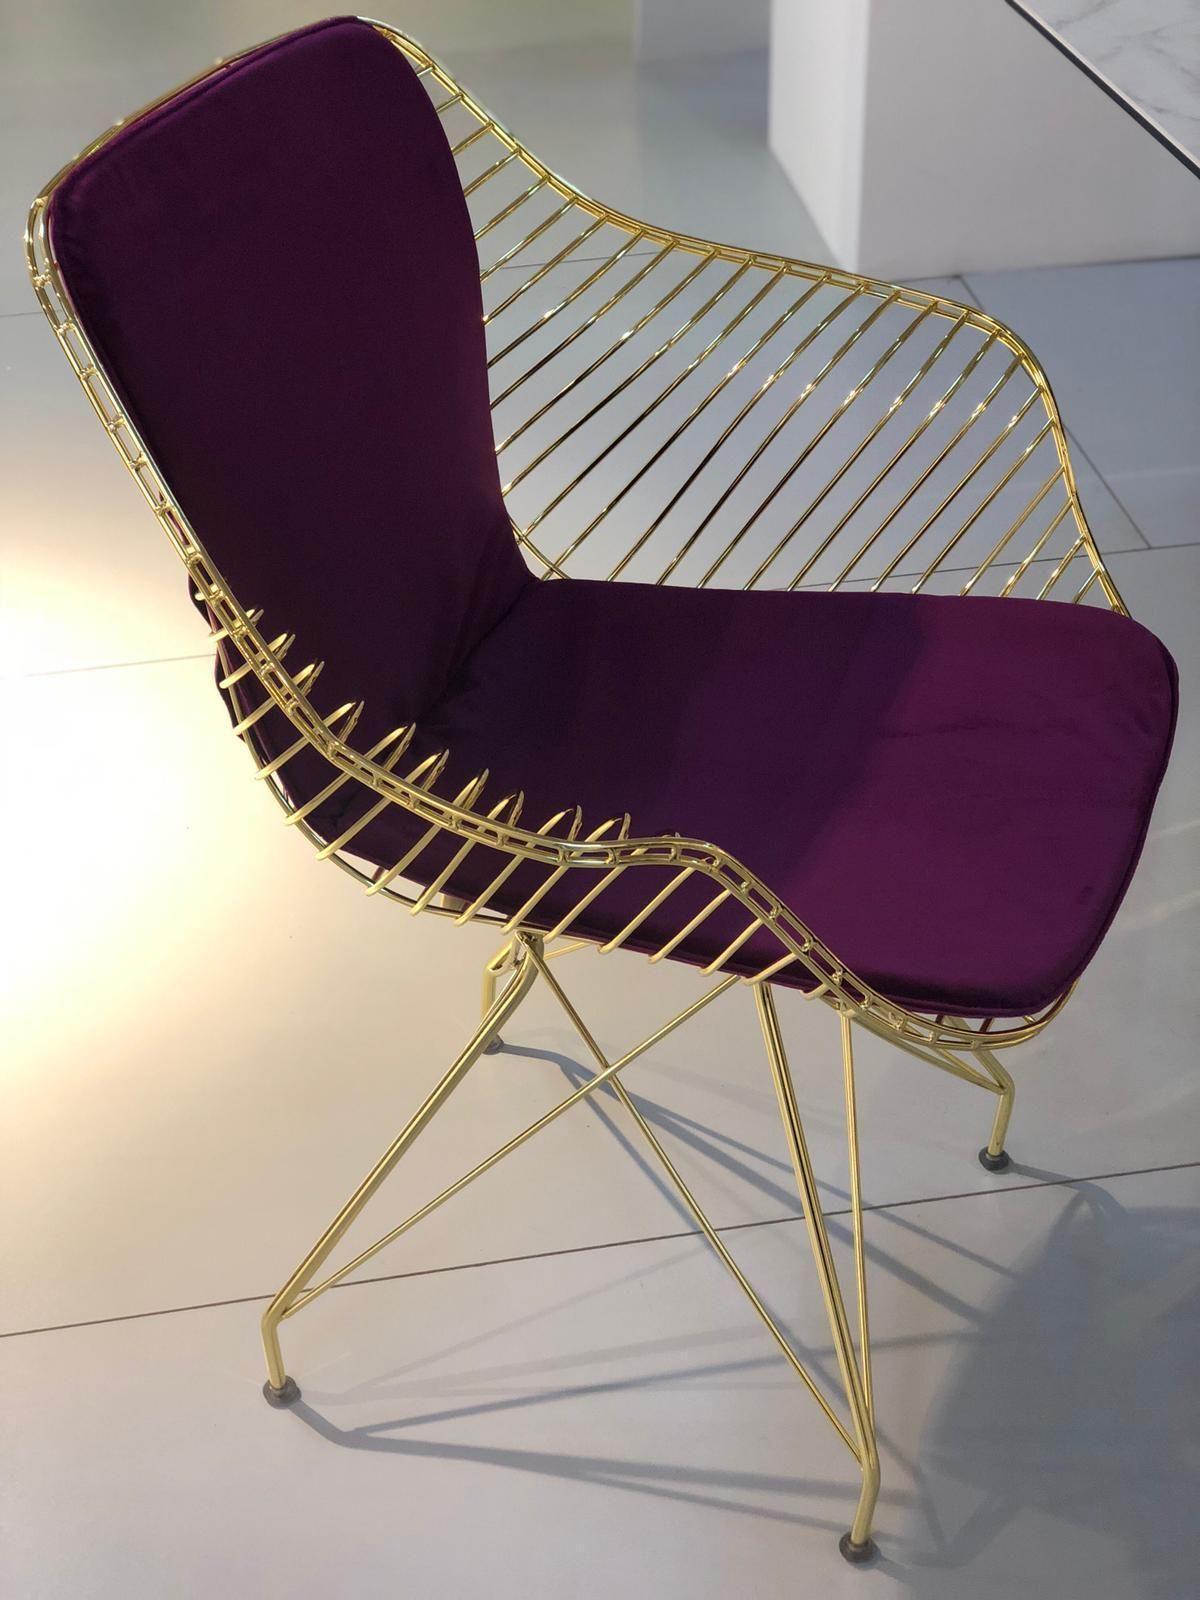 Jasmin Sandalye Modeli Evinize Veya Isyerinize Uygun Tasarlandi Ve Uretildi Sandalye Berjer Koltuk Mobilya